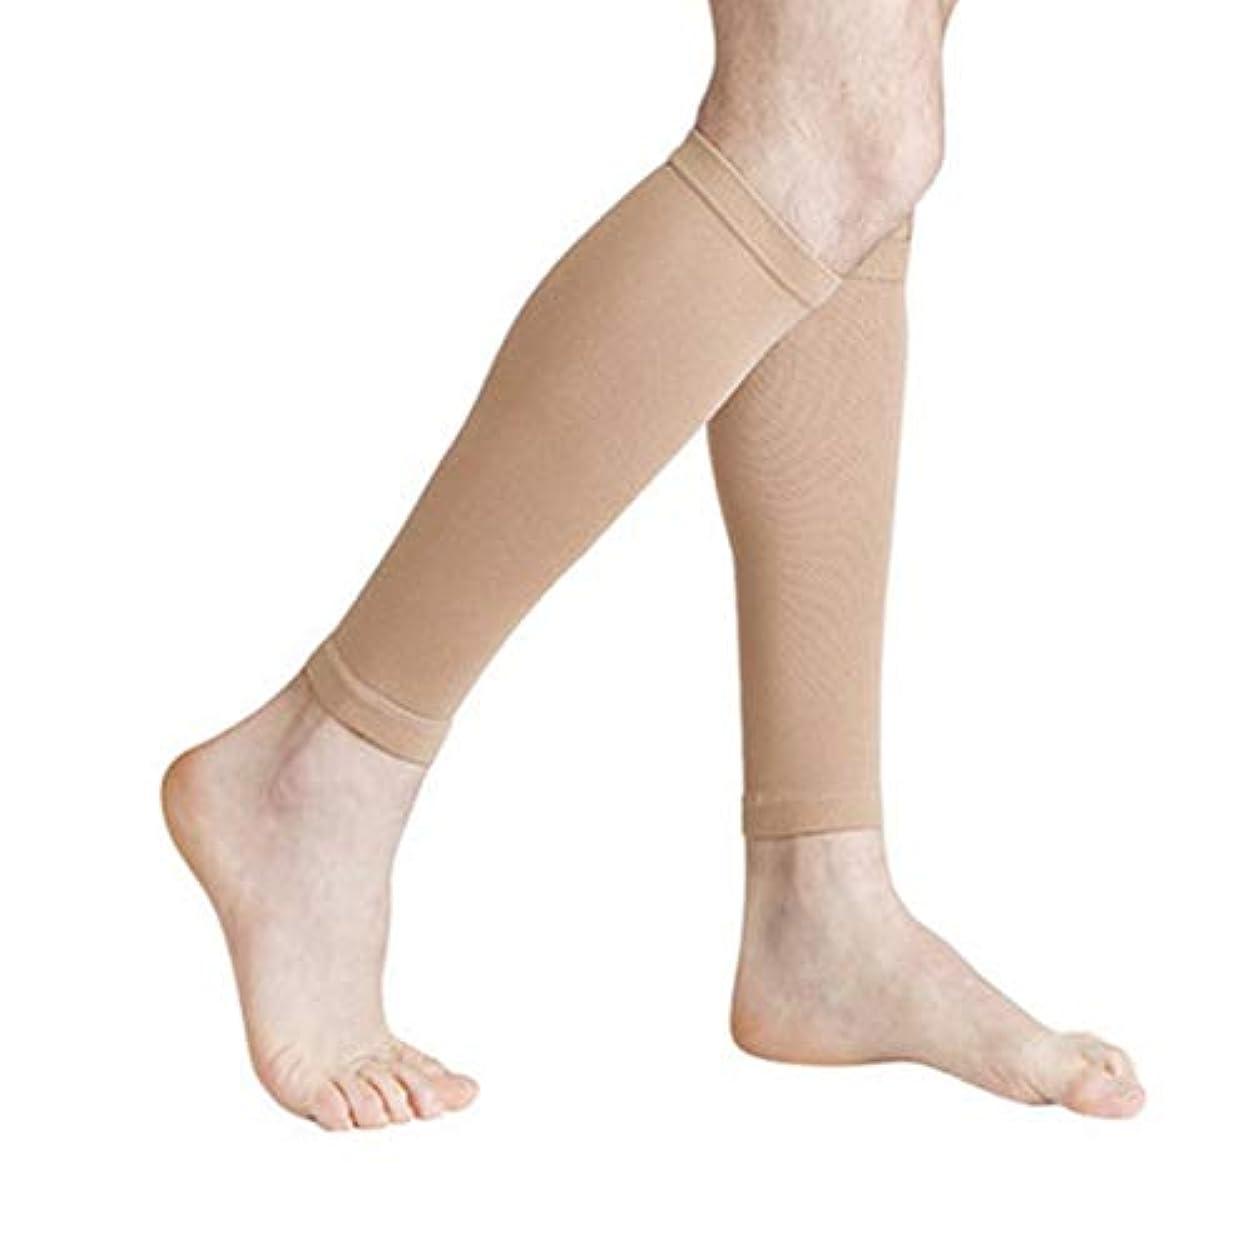 コスチューム想像するせがむ丈夫な男性女性プロの圧縮靴下通気性のある旅行活動看護師用シントスプリントフライトトラベル - 肌色